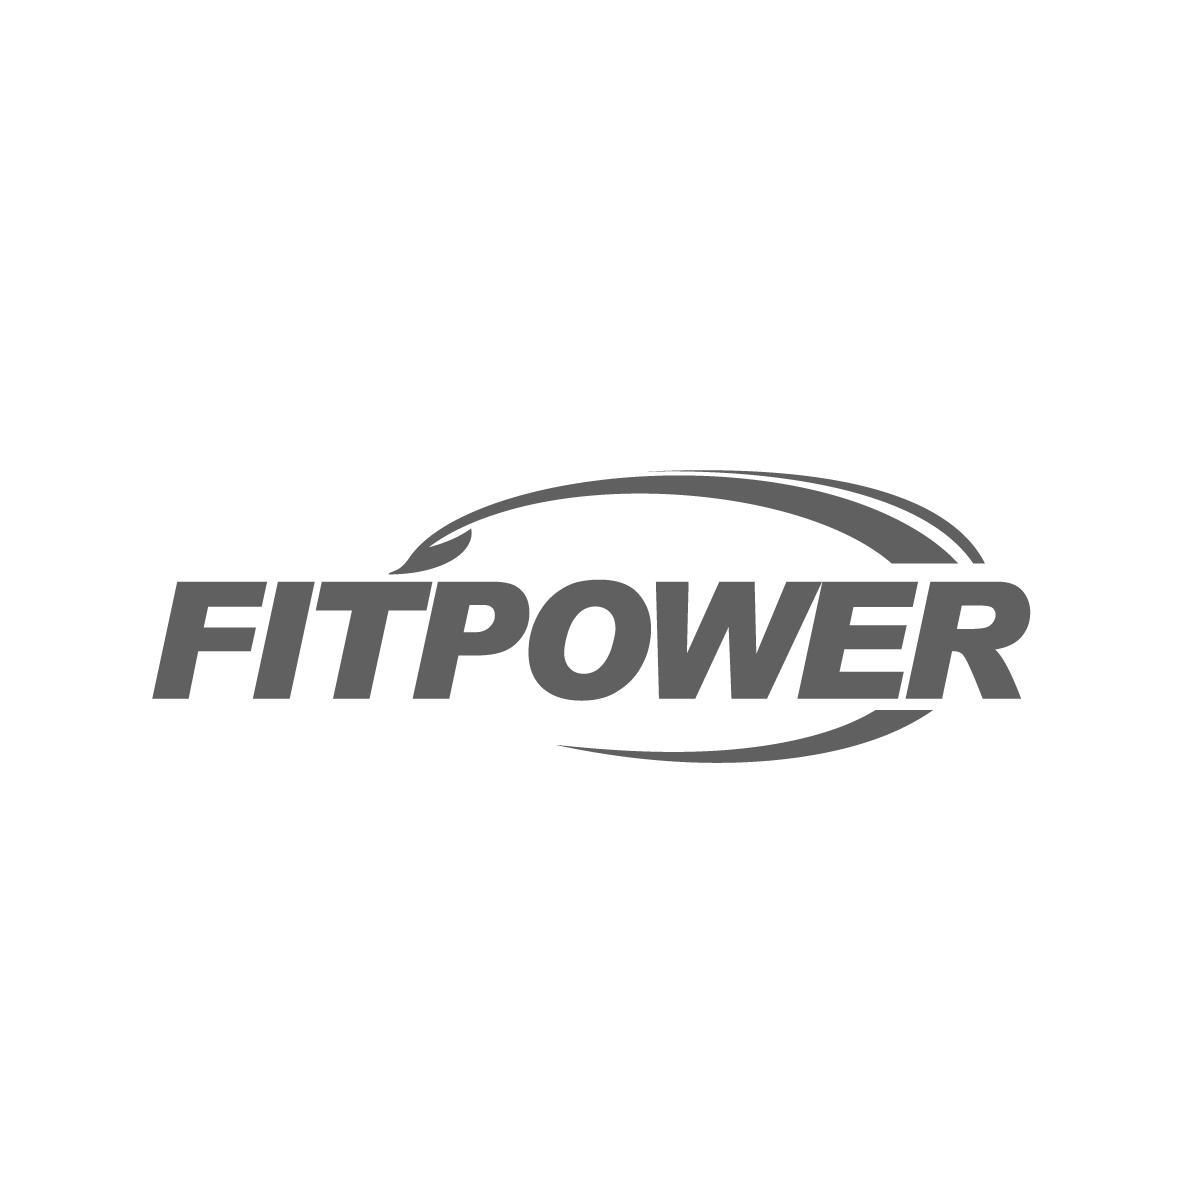 转让商标-FITPOWER